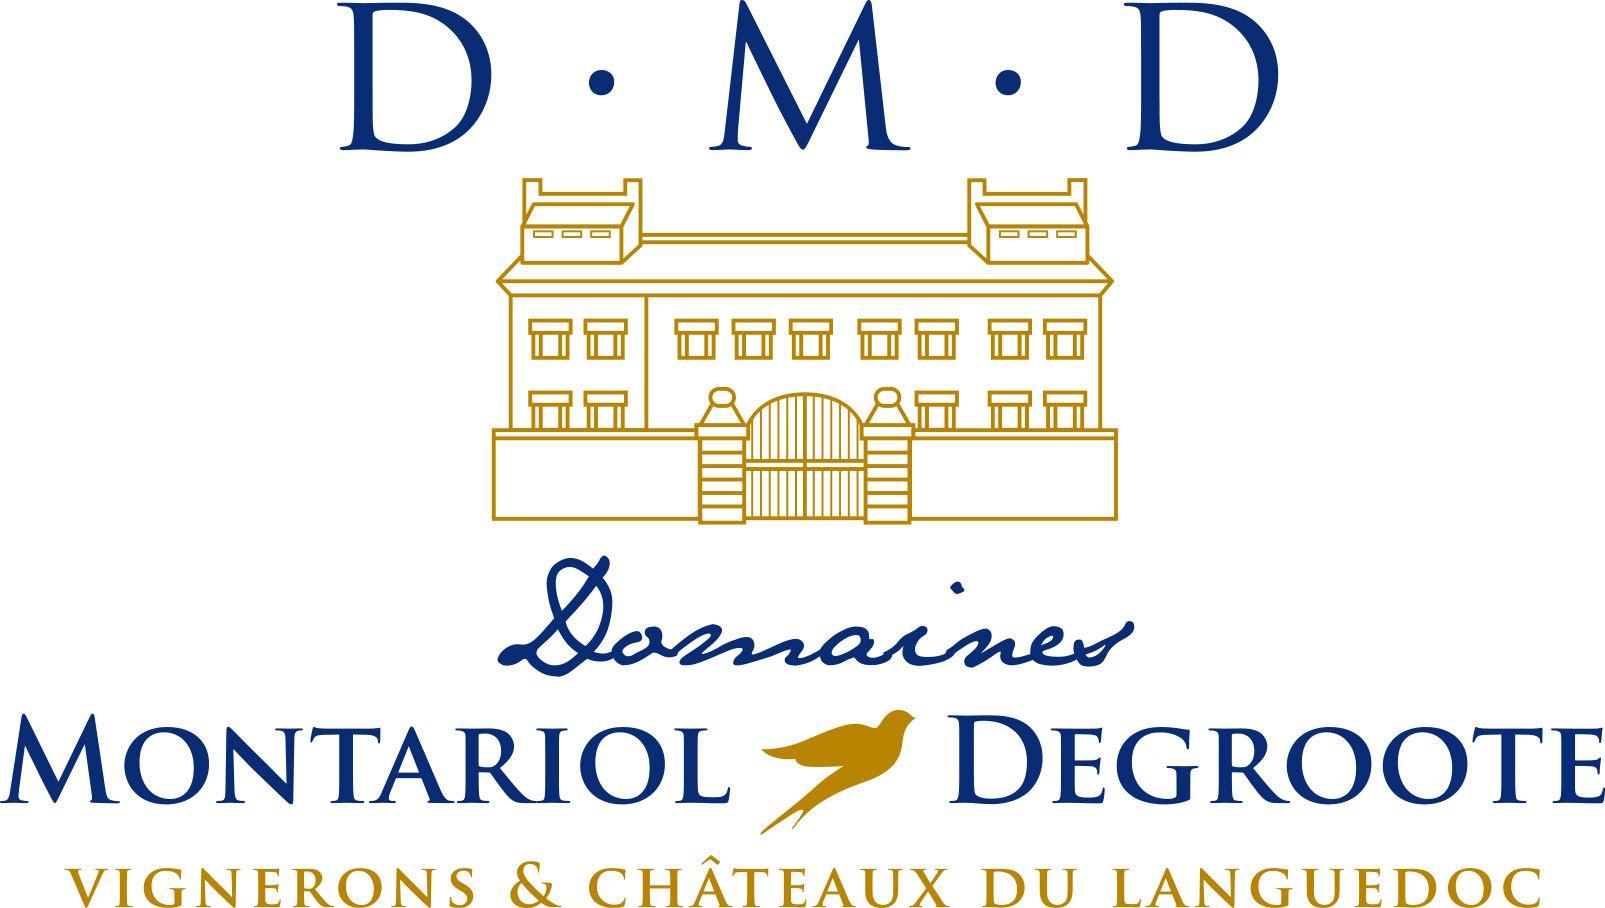 Domaines Montariol Degroote